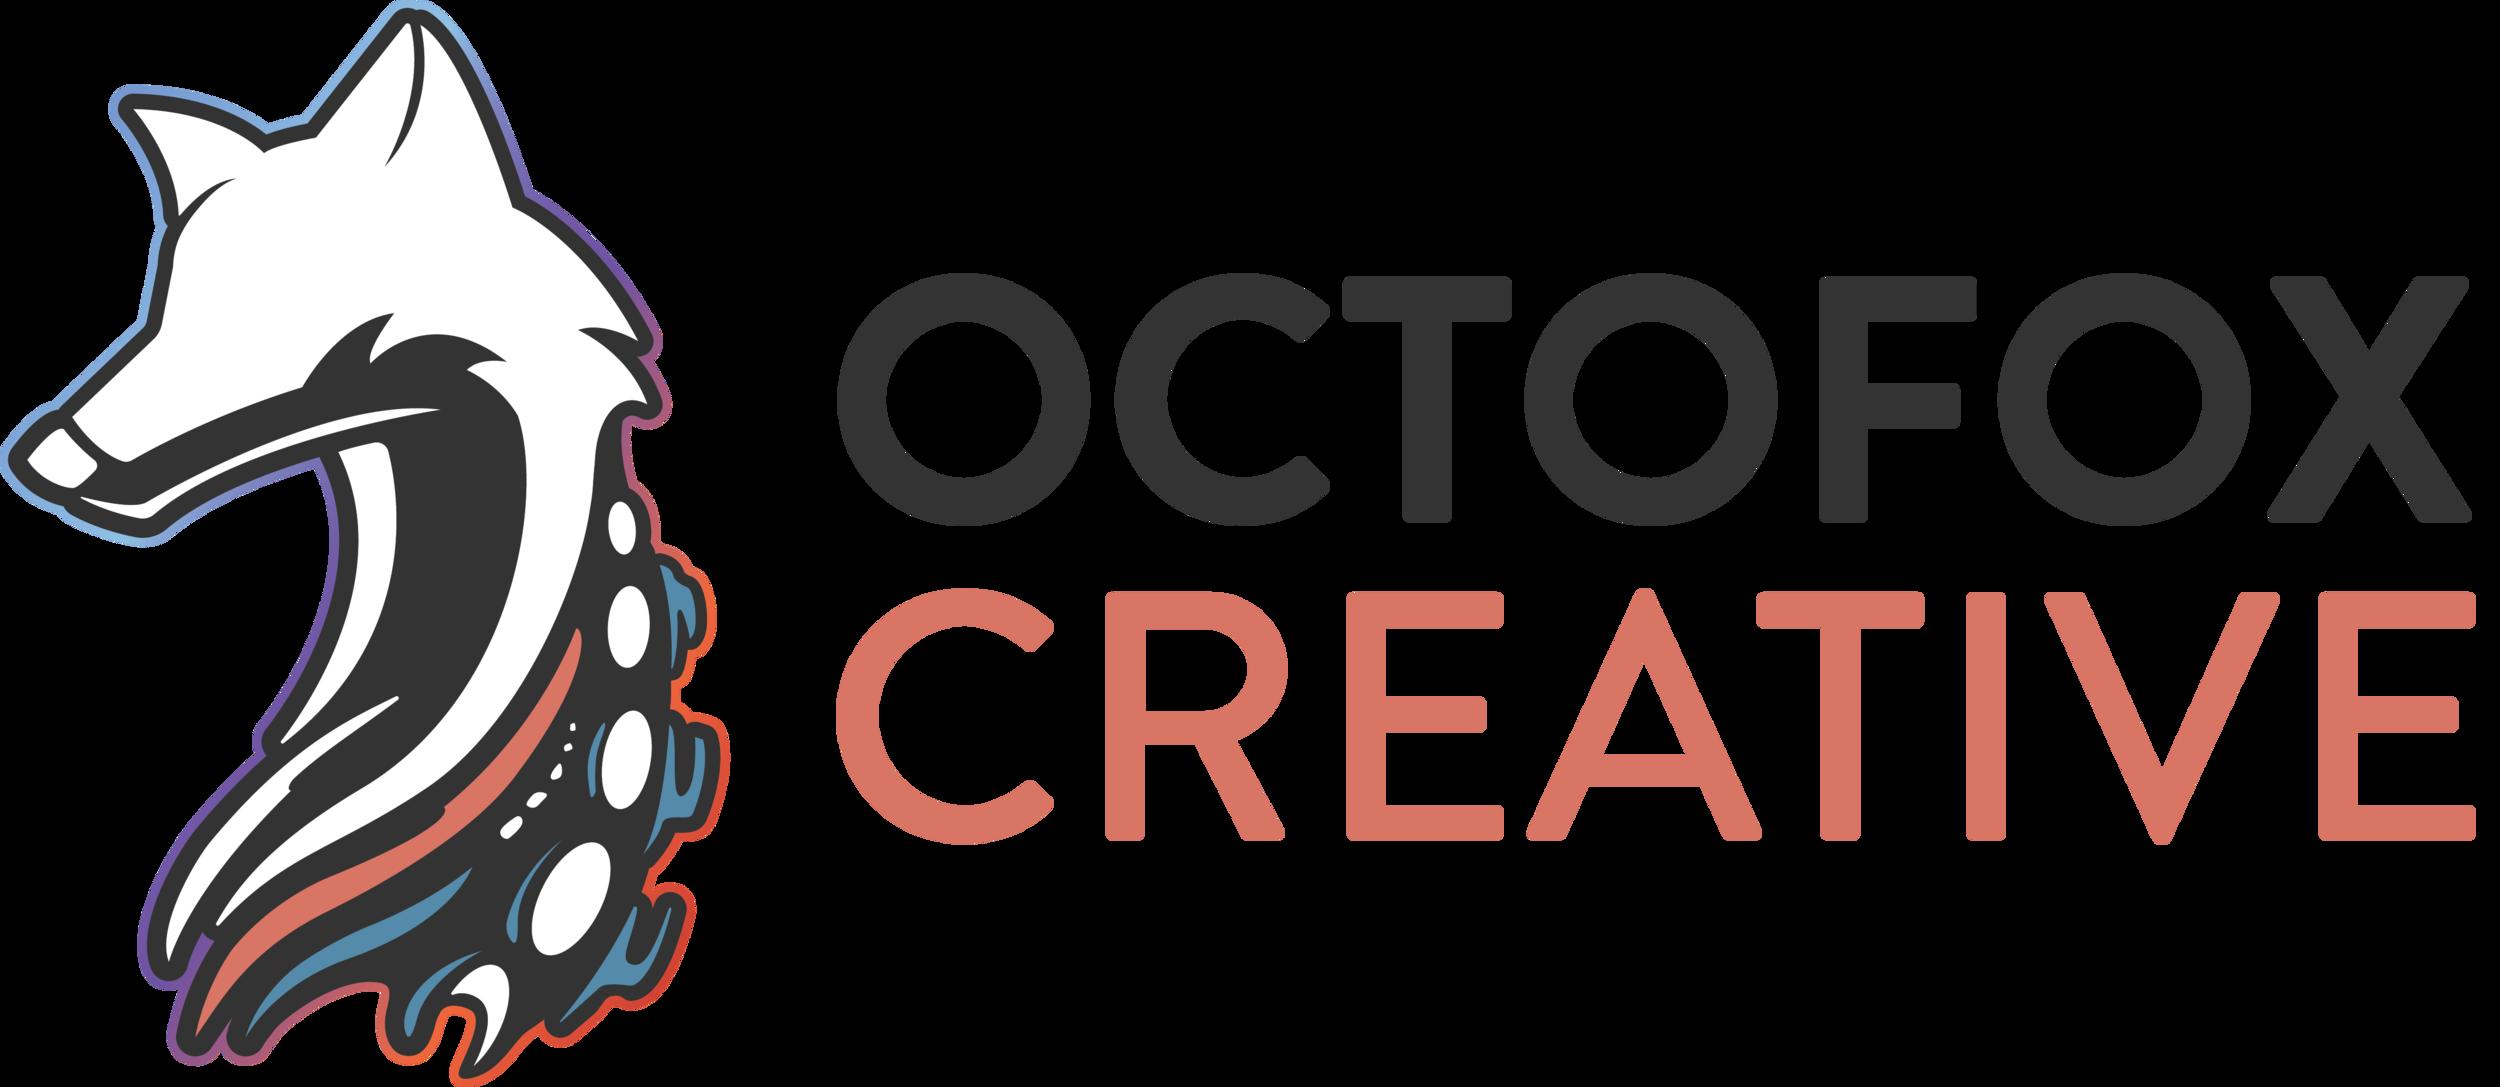 octofox_creative_logo.png